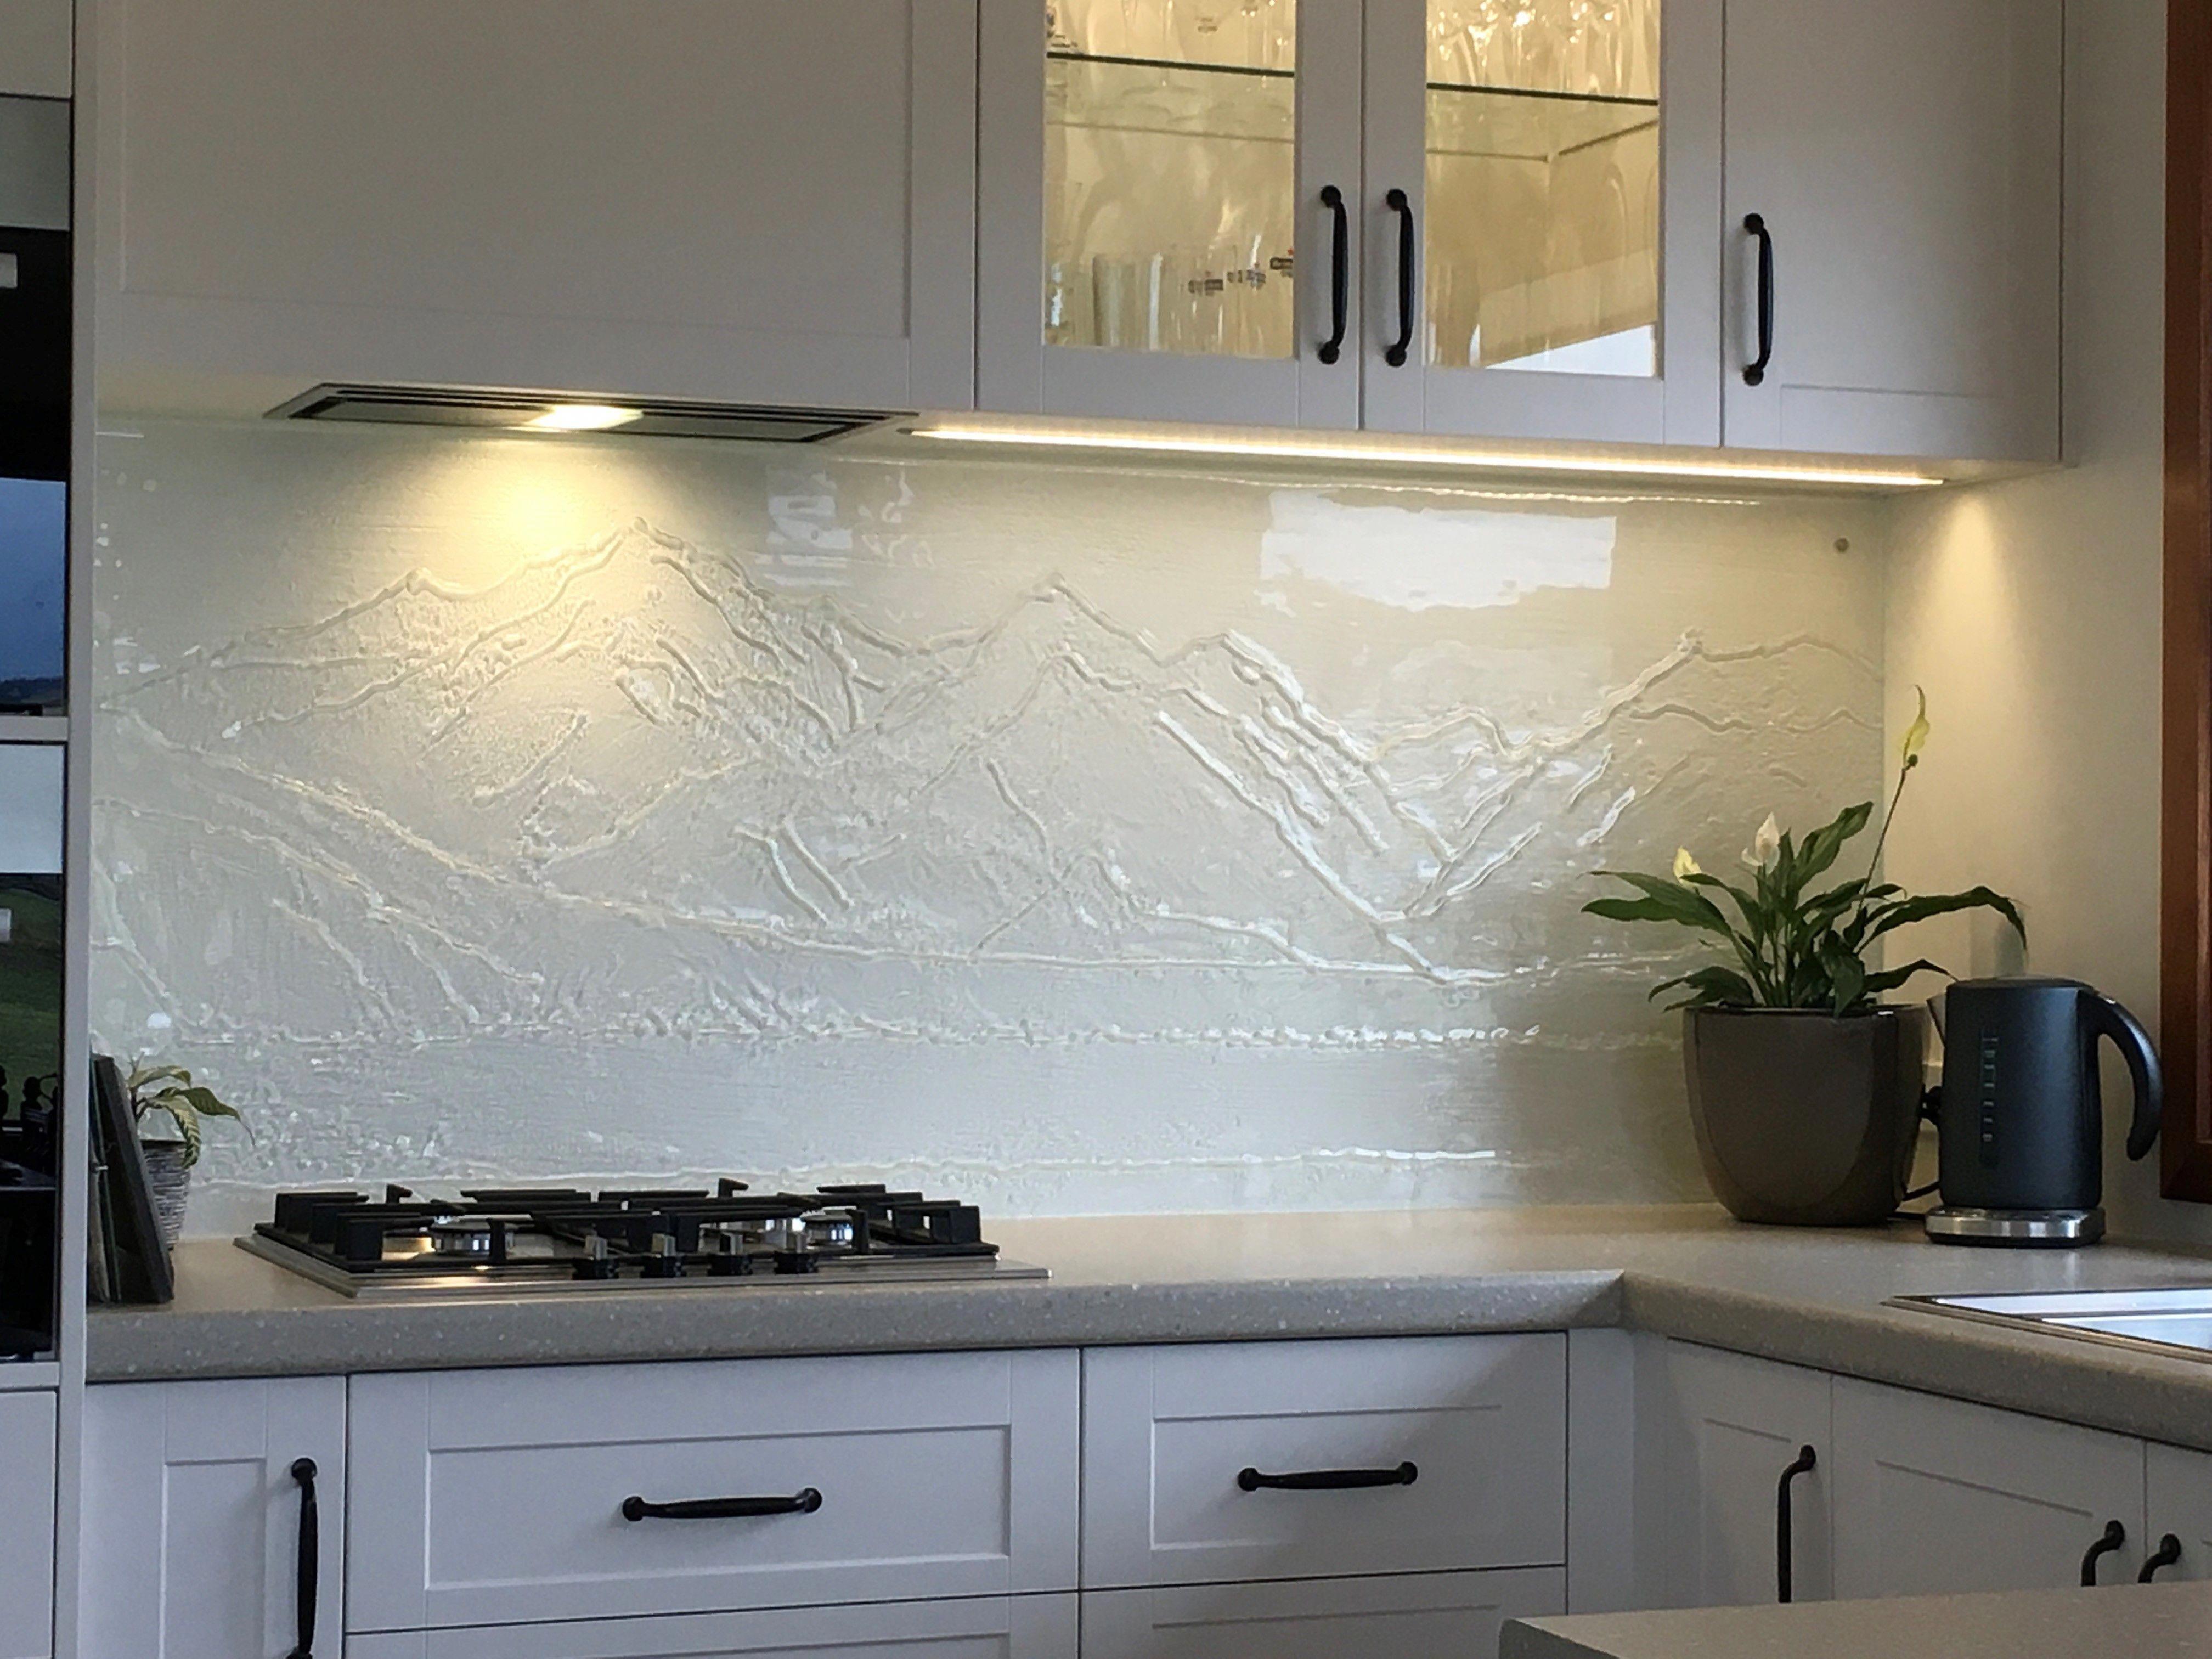 Mountain Range Nz On Glass Kitchen Splashback Kitchencabinetnz